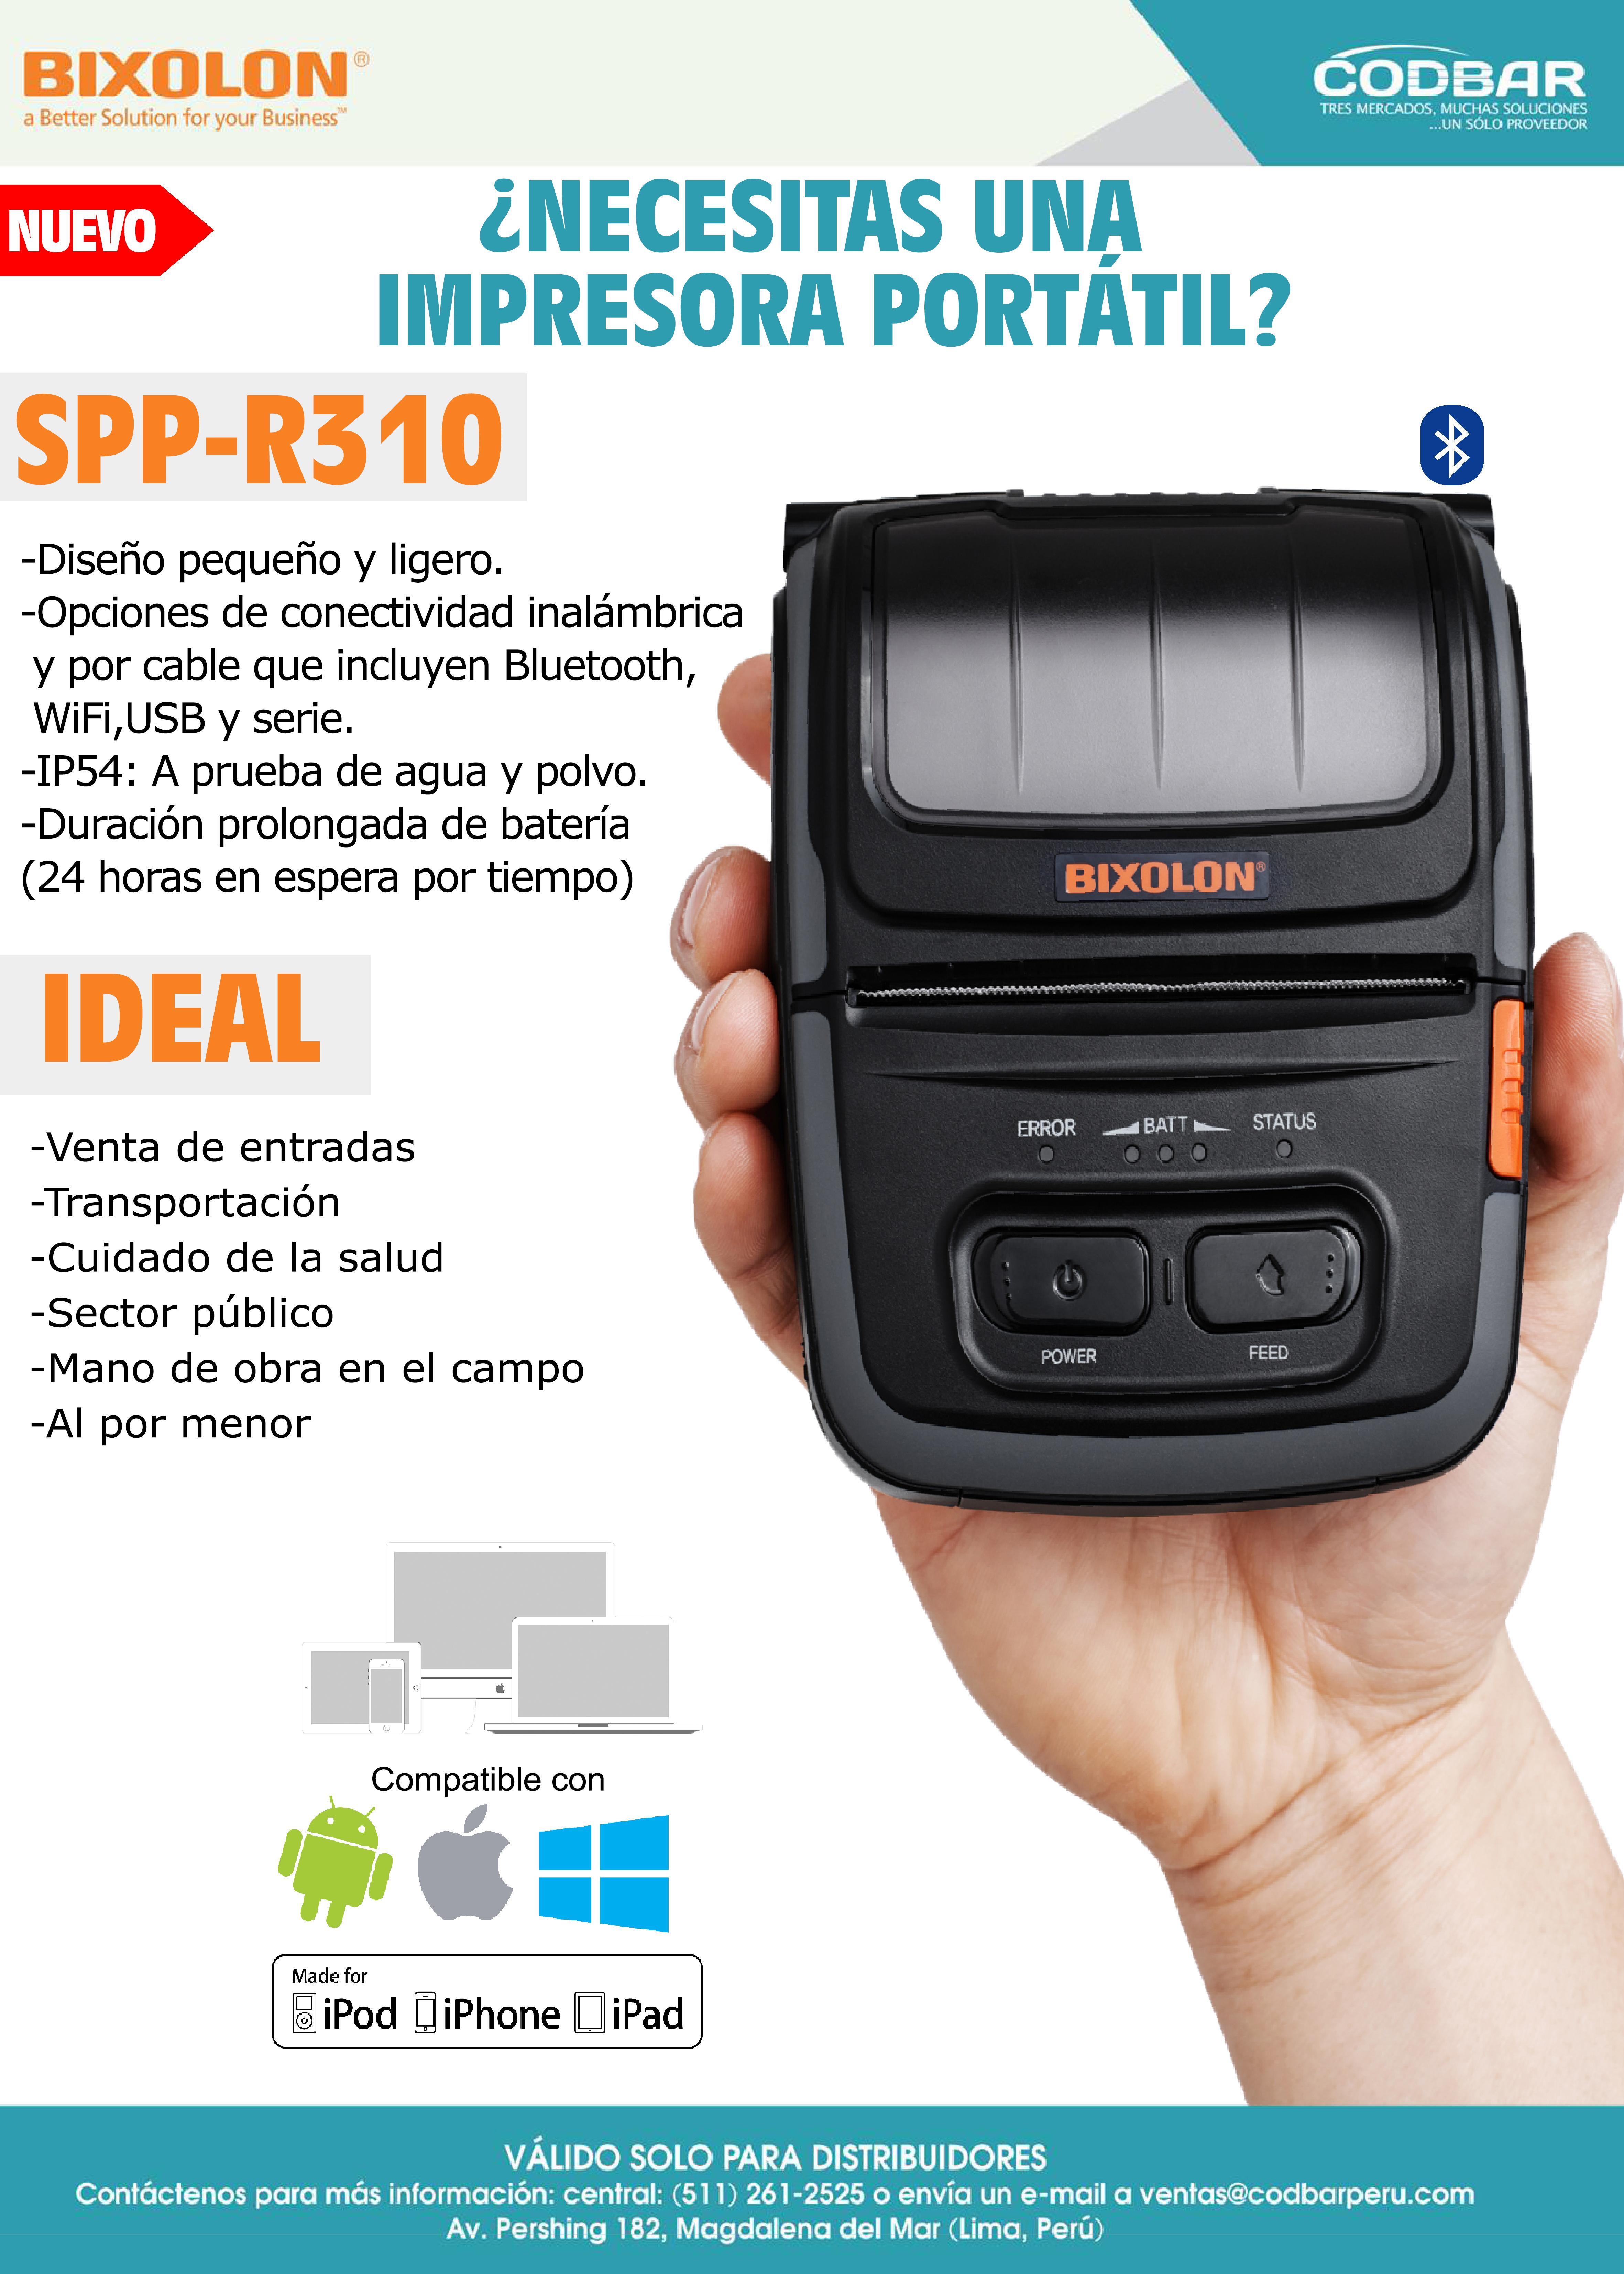 bixolon SPPR310.jpg